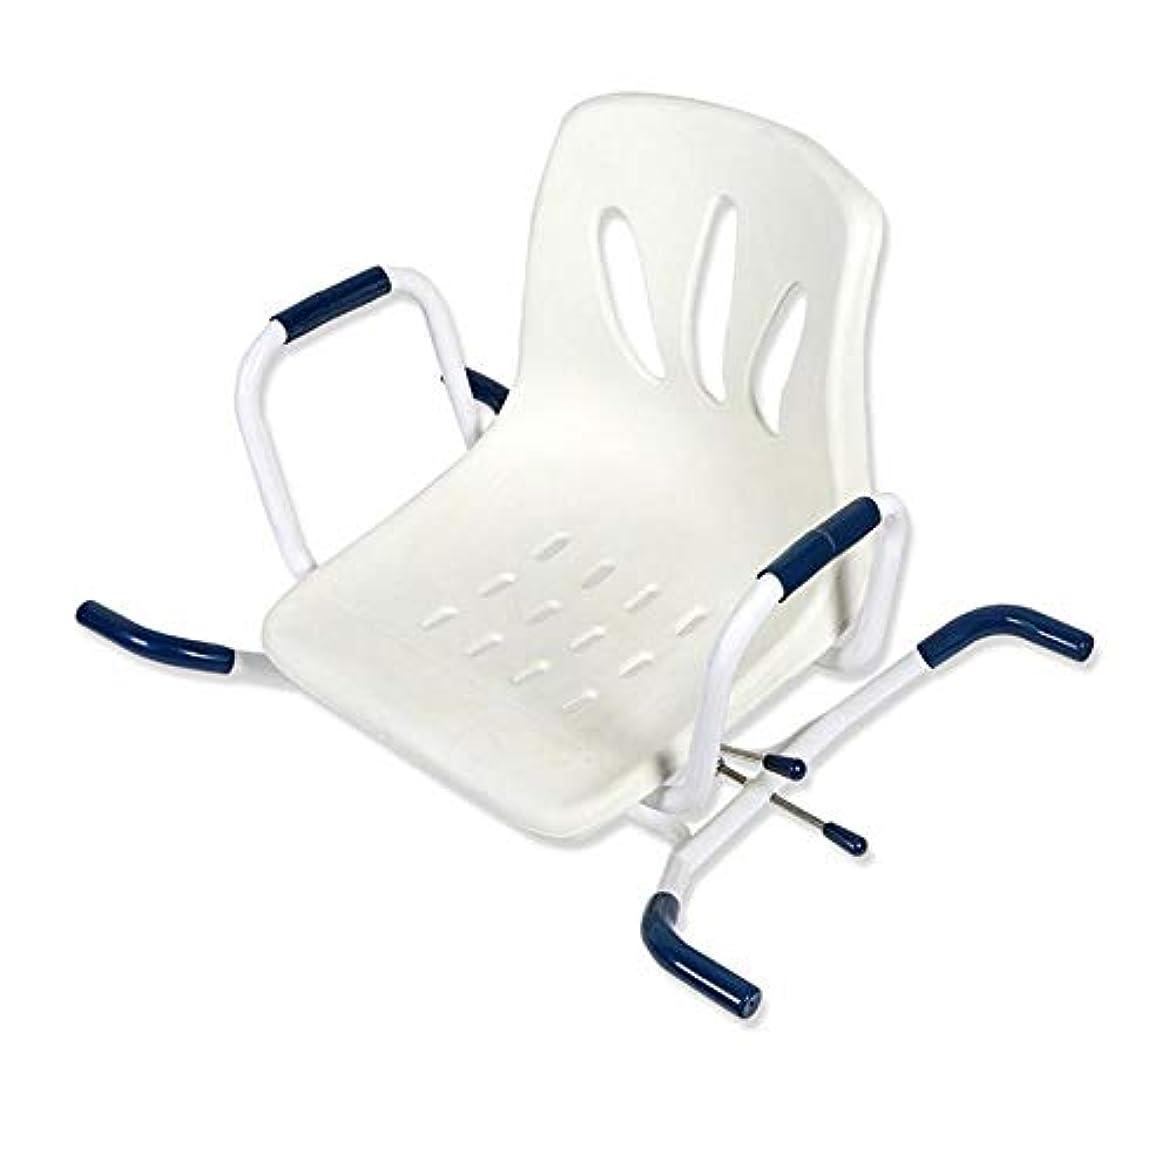 撤回する鋸歯状単調なバスボードの座席を横切った吊り下げ式バスベンチ調節可能なスイベルバスター(背もたれ付き)